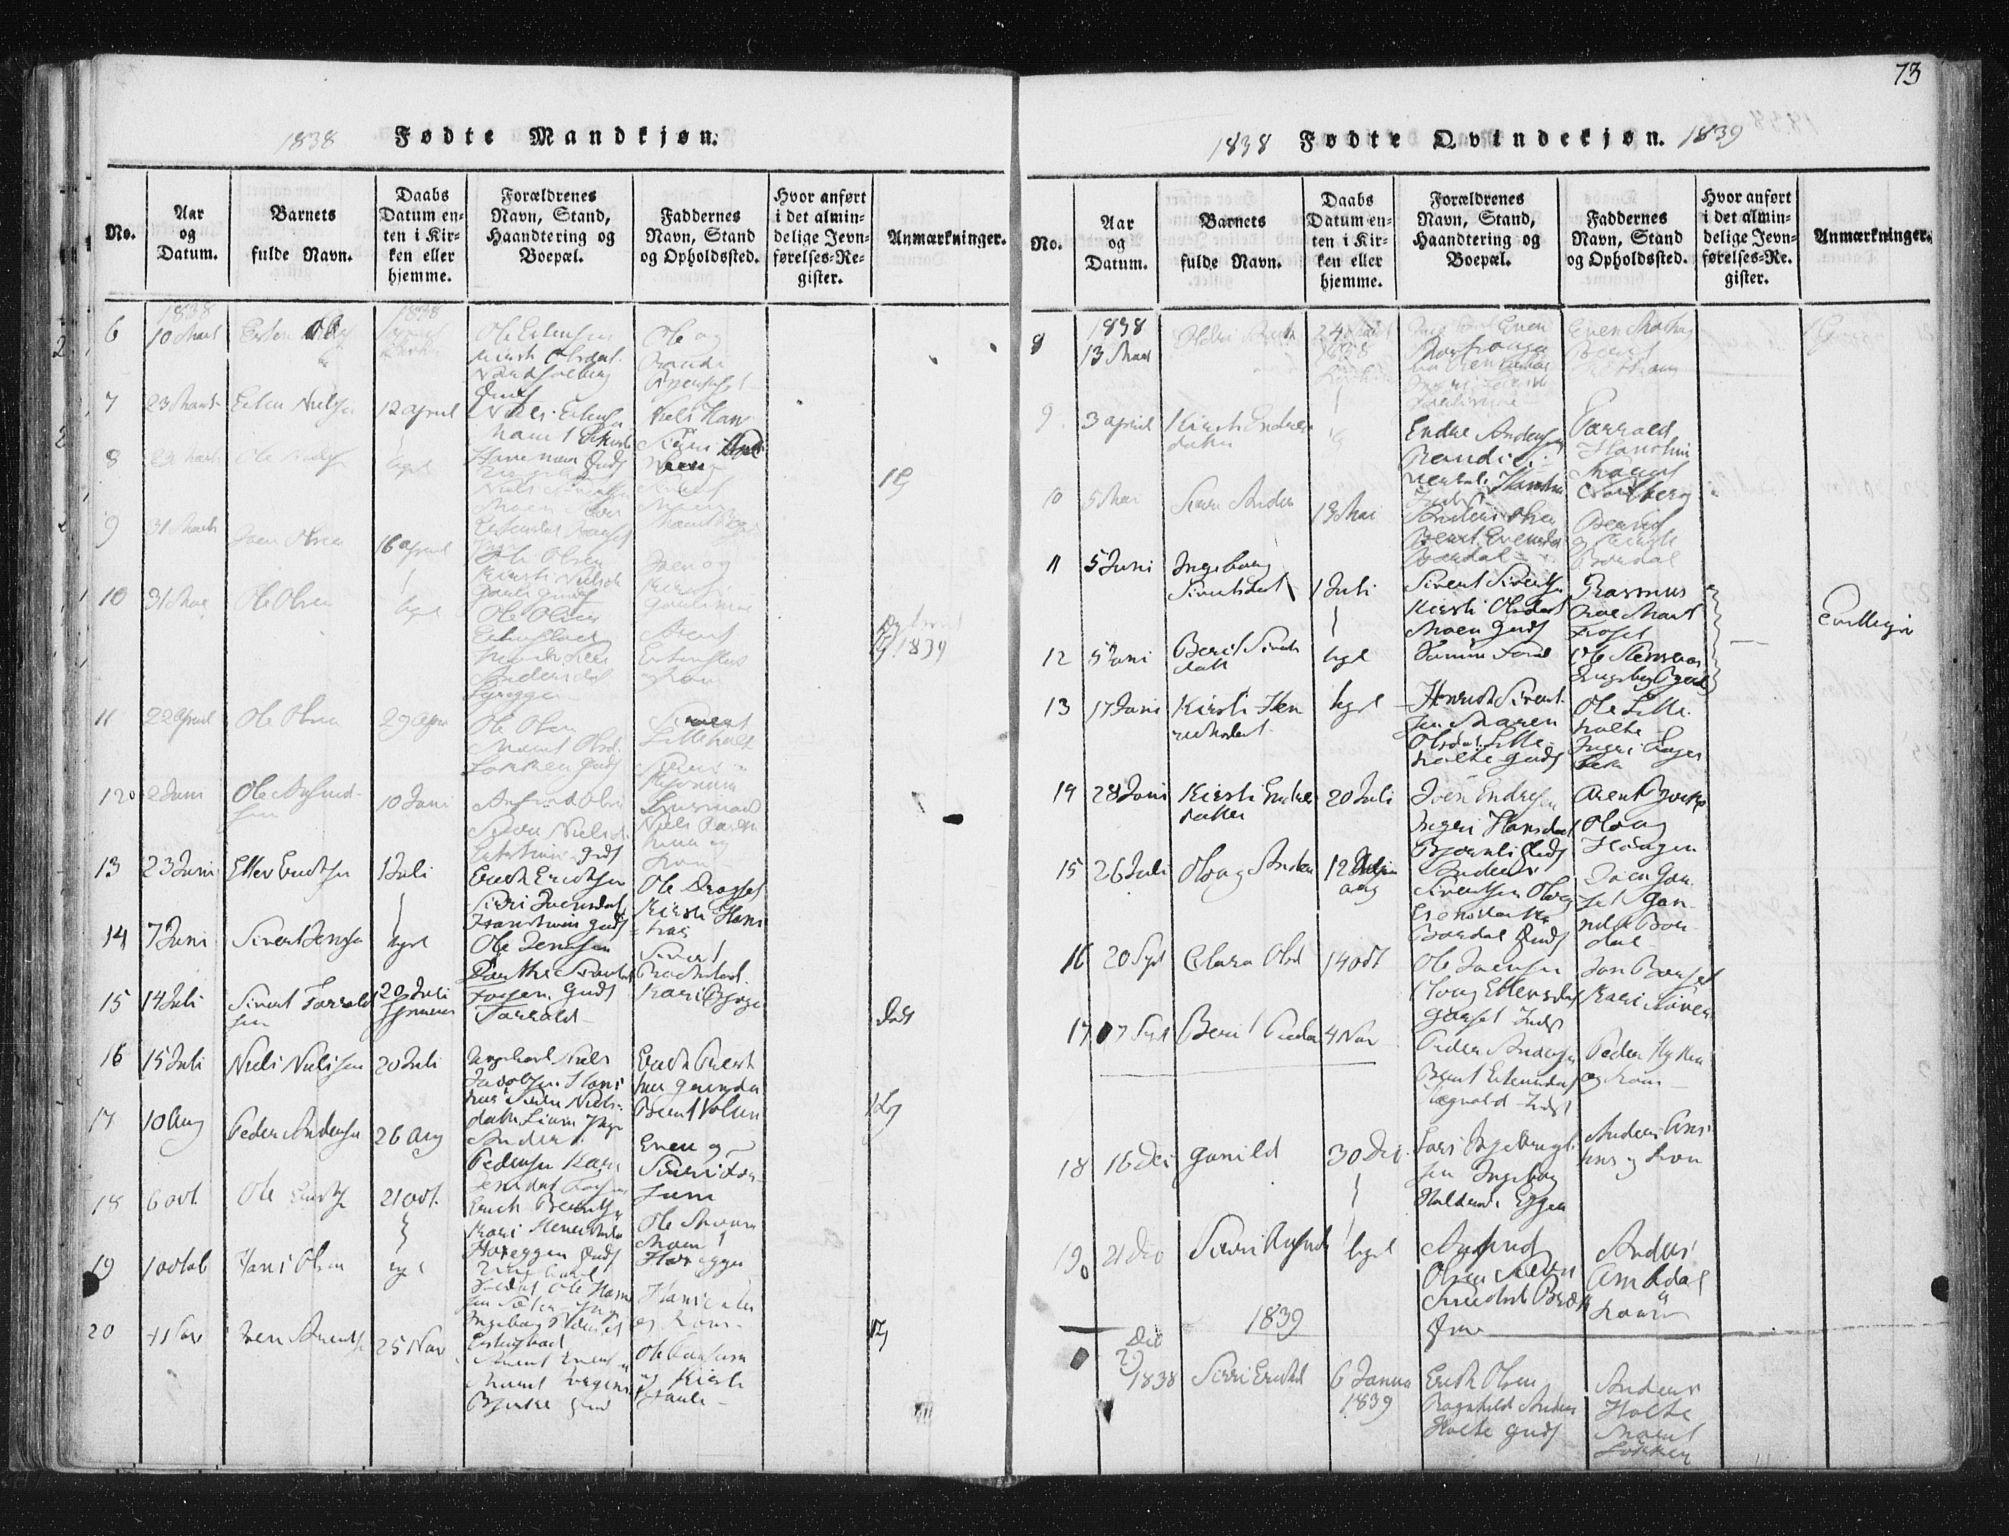 SAT, Ministerialprotokoller, klokkerbøker og fødselsregistre - Sør-Trøndelag, 689/L1037: Ministerialbok nr. 689A02, 1816-1842, s. 73